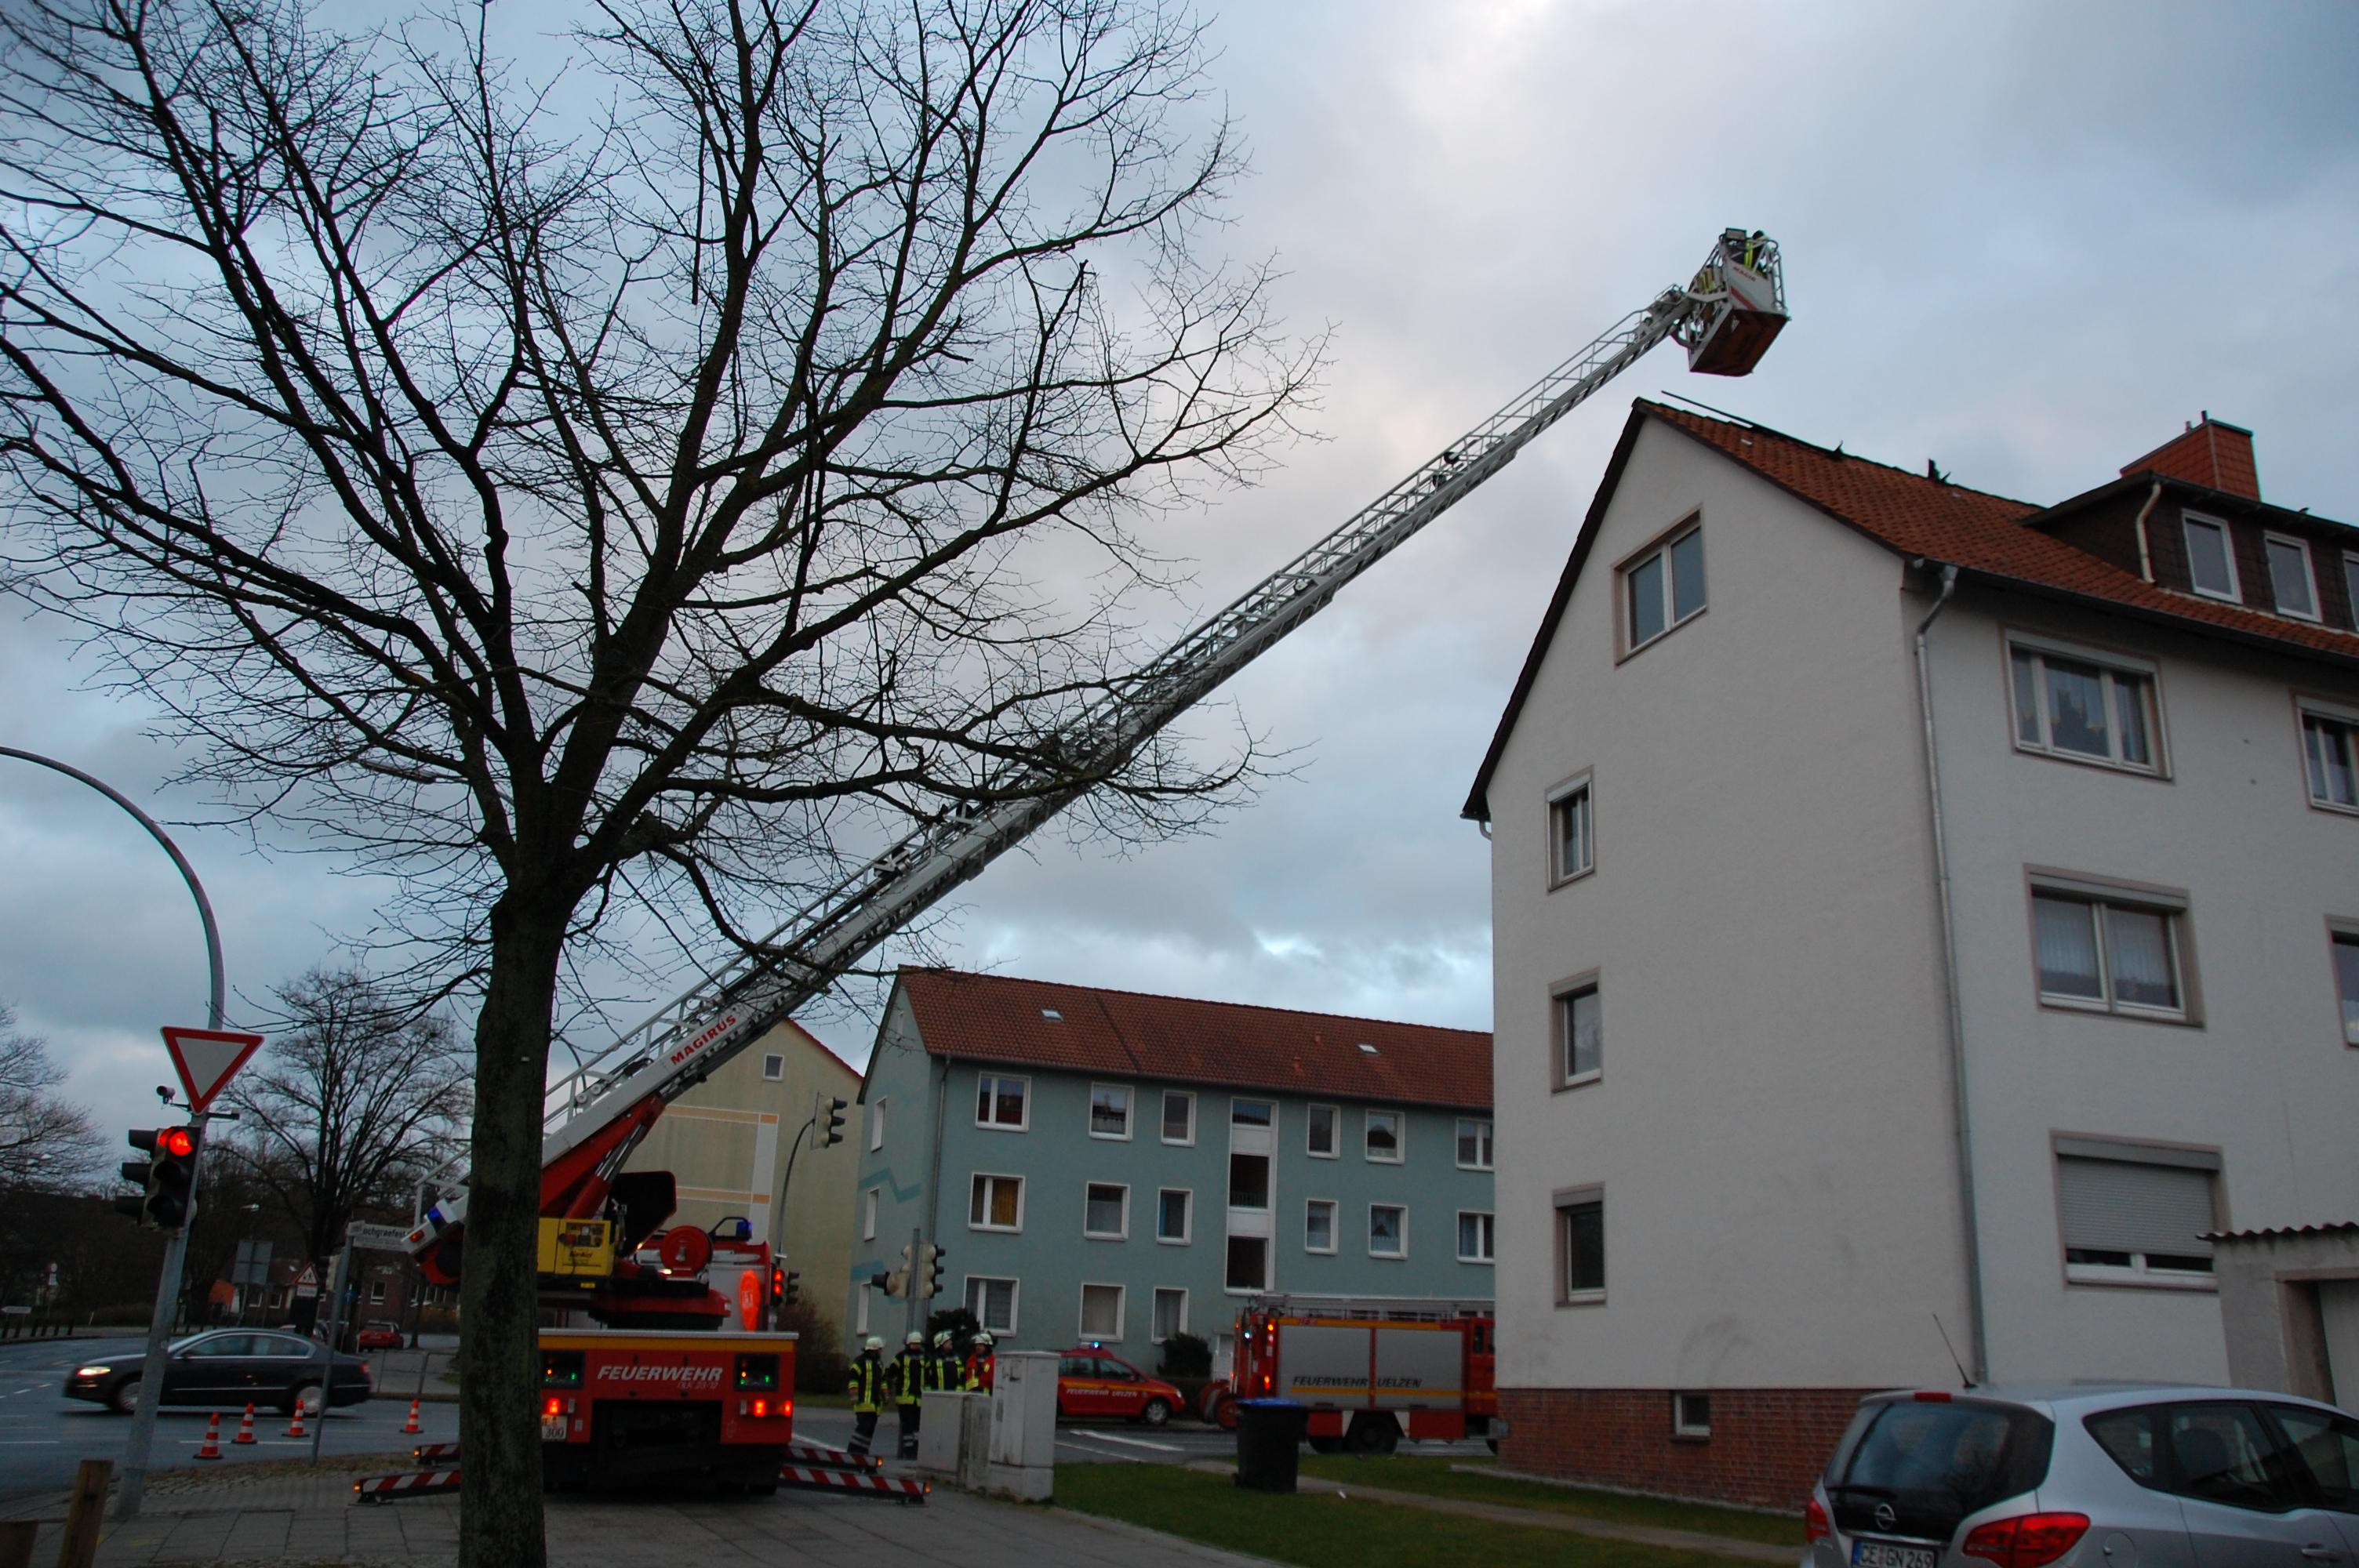 076. Sturmschaden - Gebäudeteile vom Dach entfernt